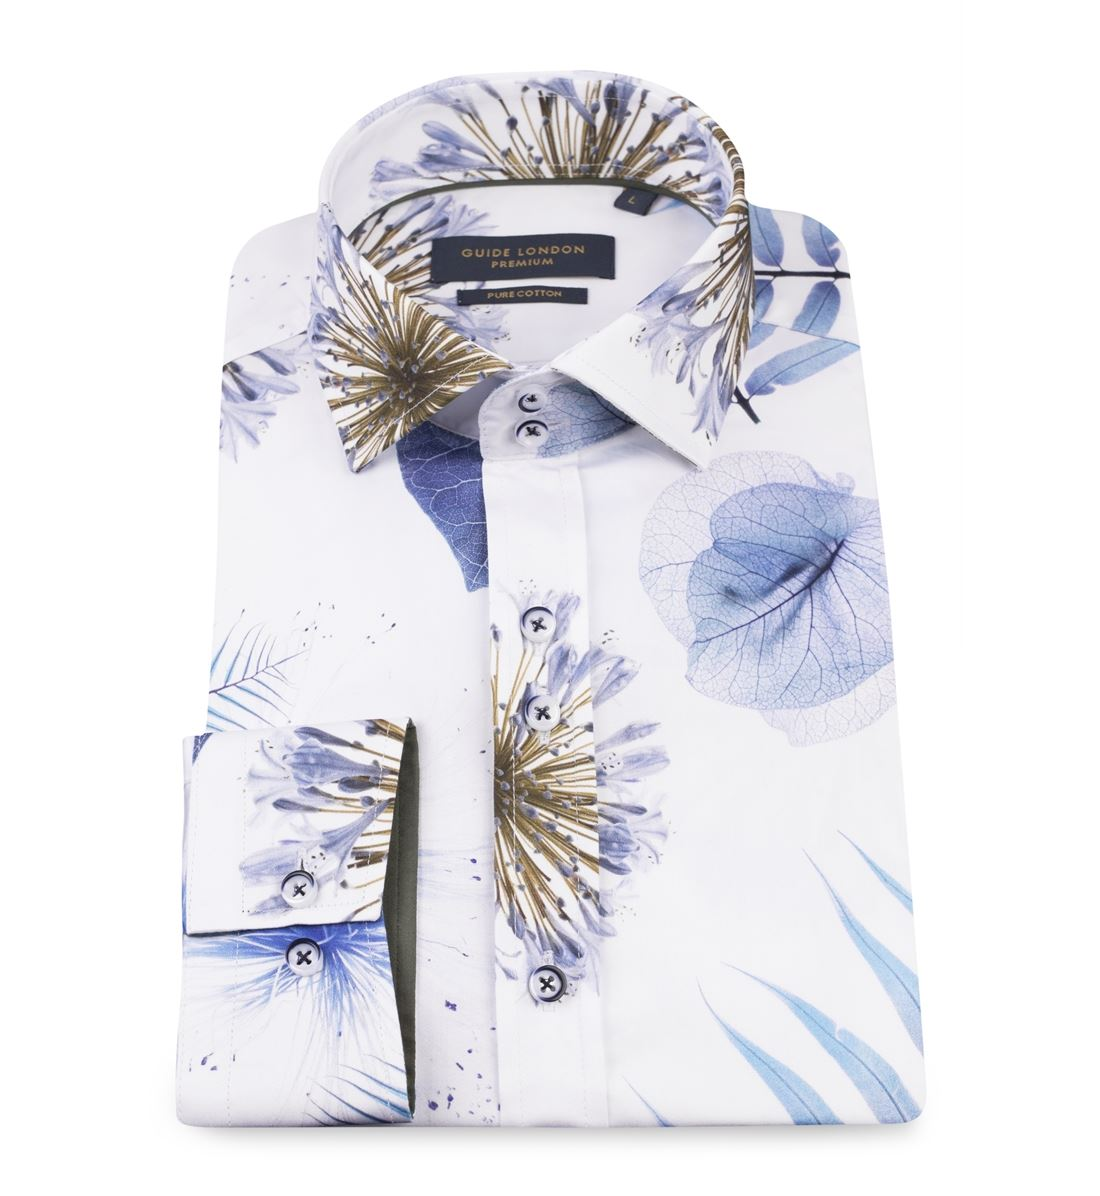 Gros London Blanc Ls74562 Cintrée Imprimé Guide Homme Coupe Chemise Floral P7qx4Zvaw